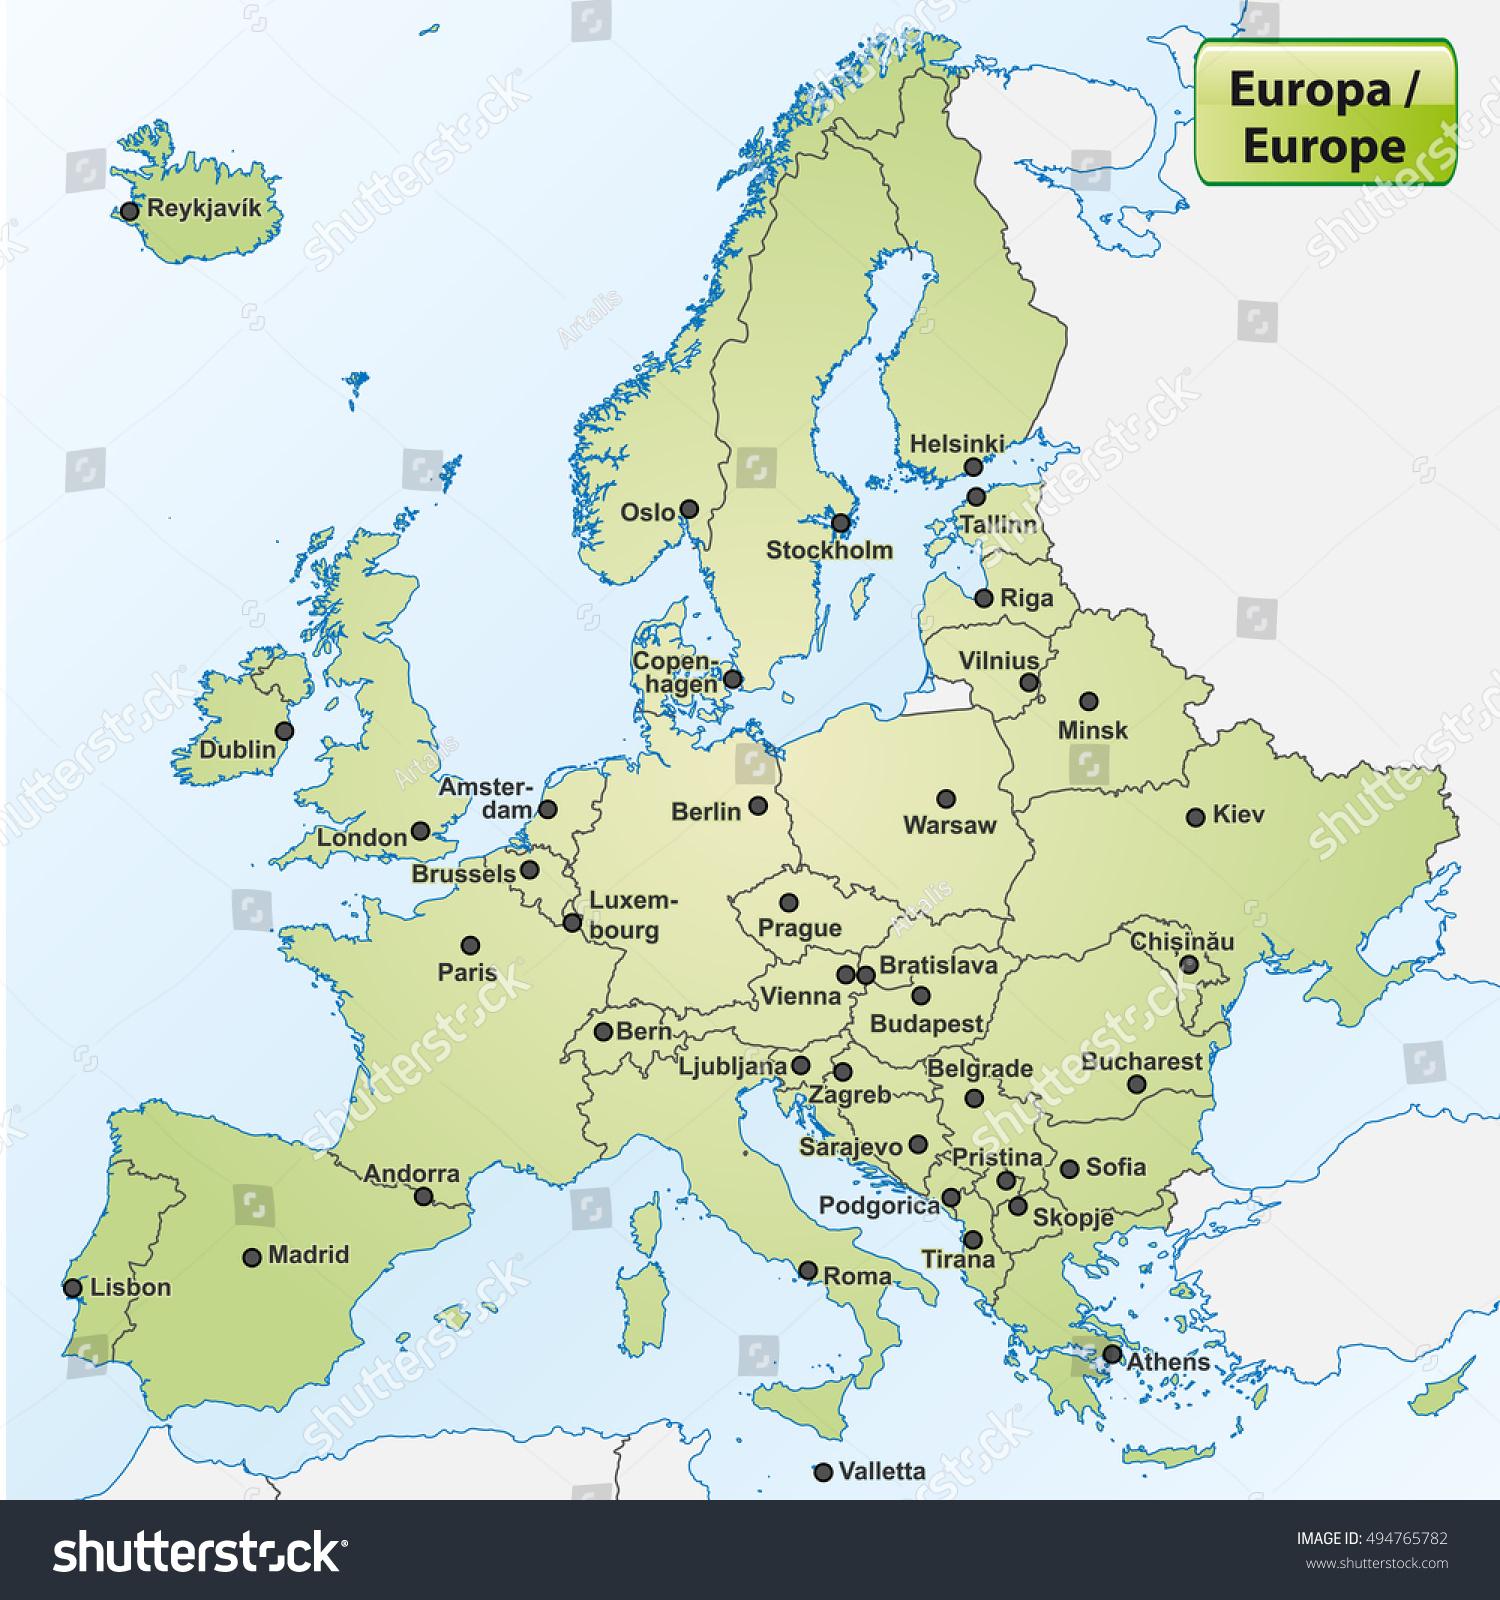 Image Vectorielle De Stock De Carte De L'europe Avec Les pour Carte De L Europe Capitales